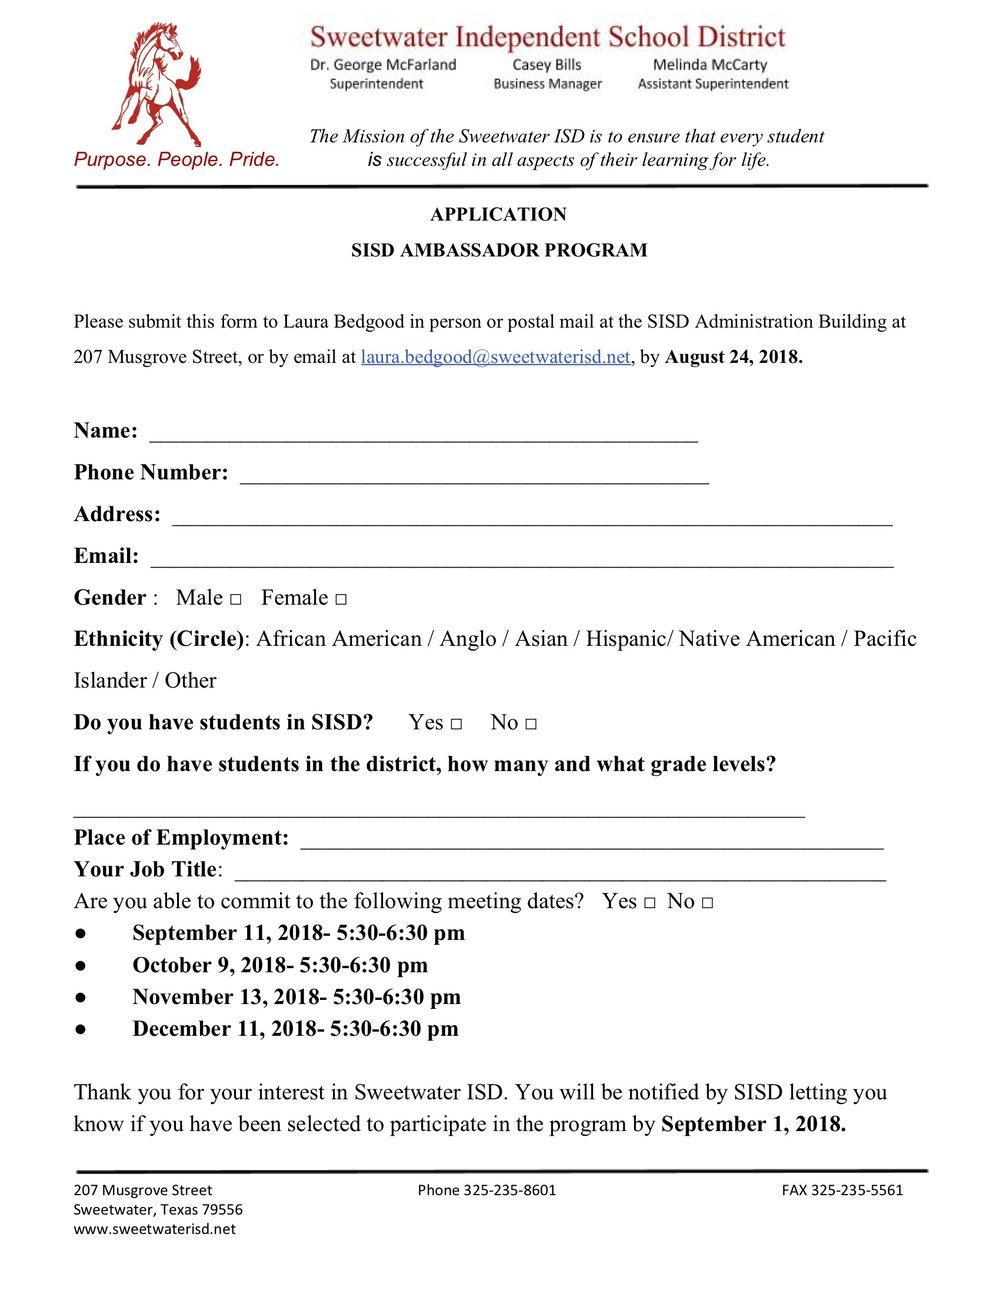 Ambassador Program Application 2018.jpg